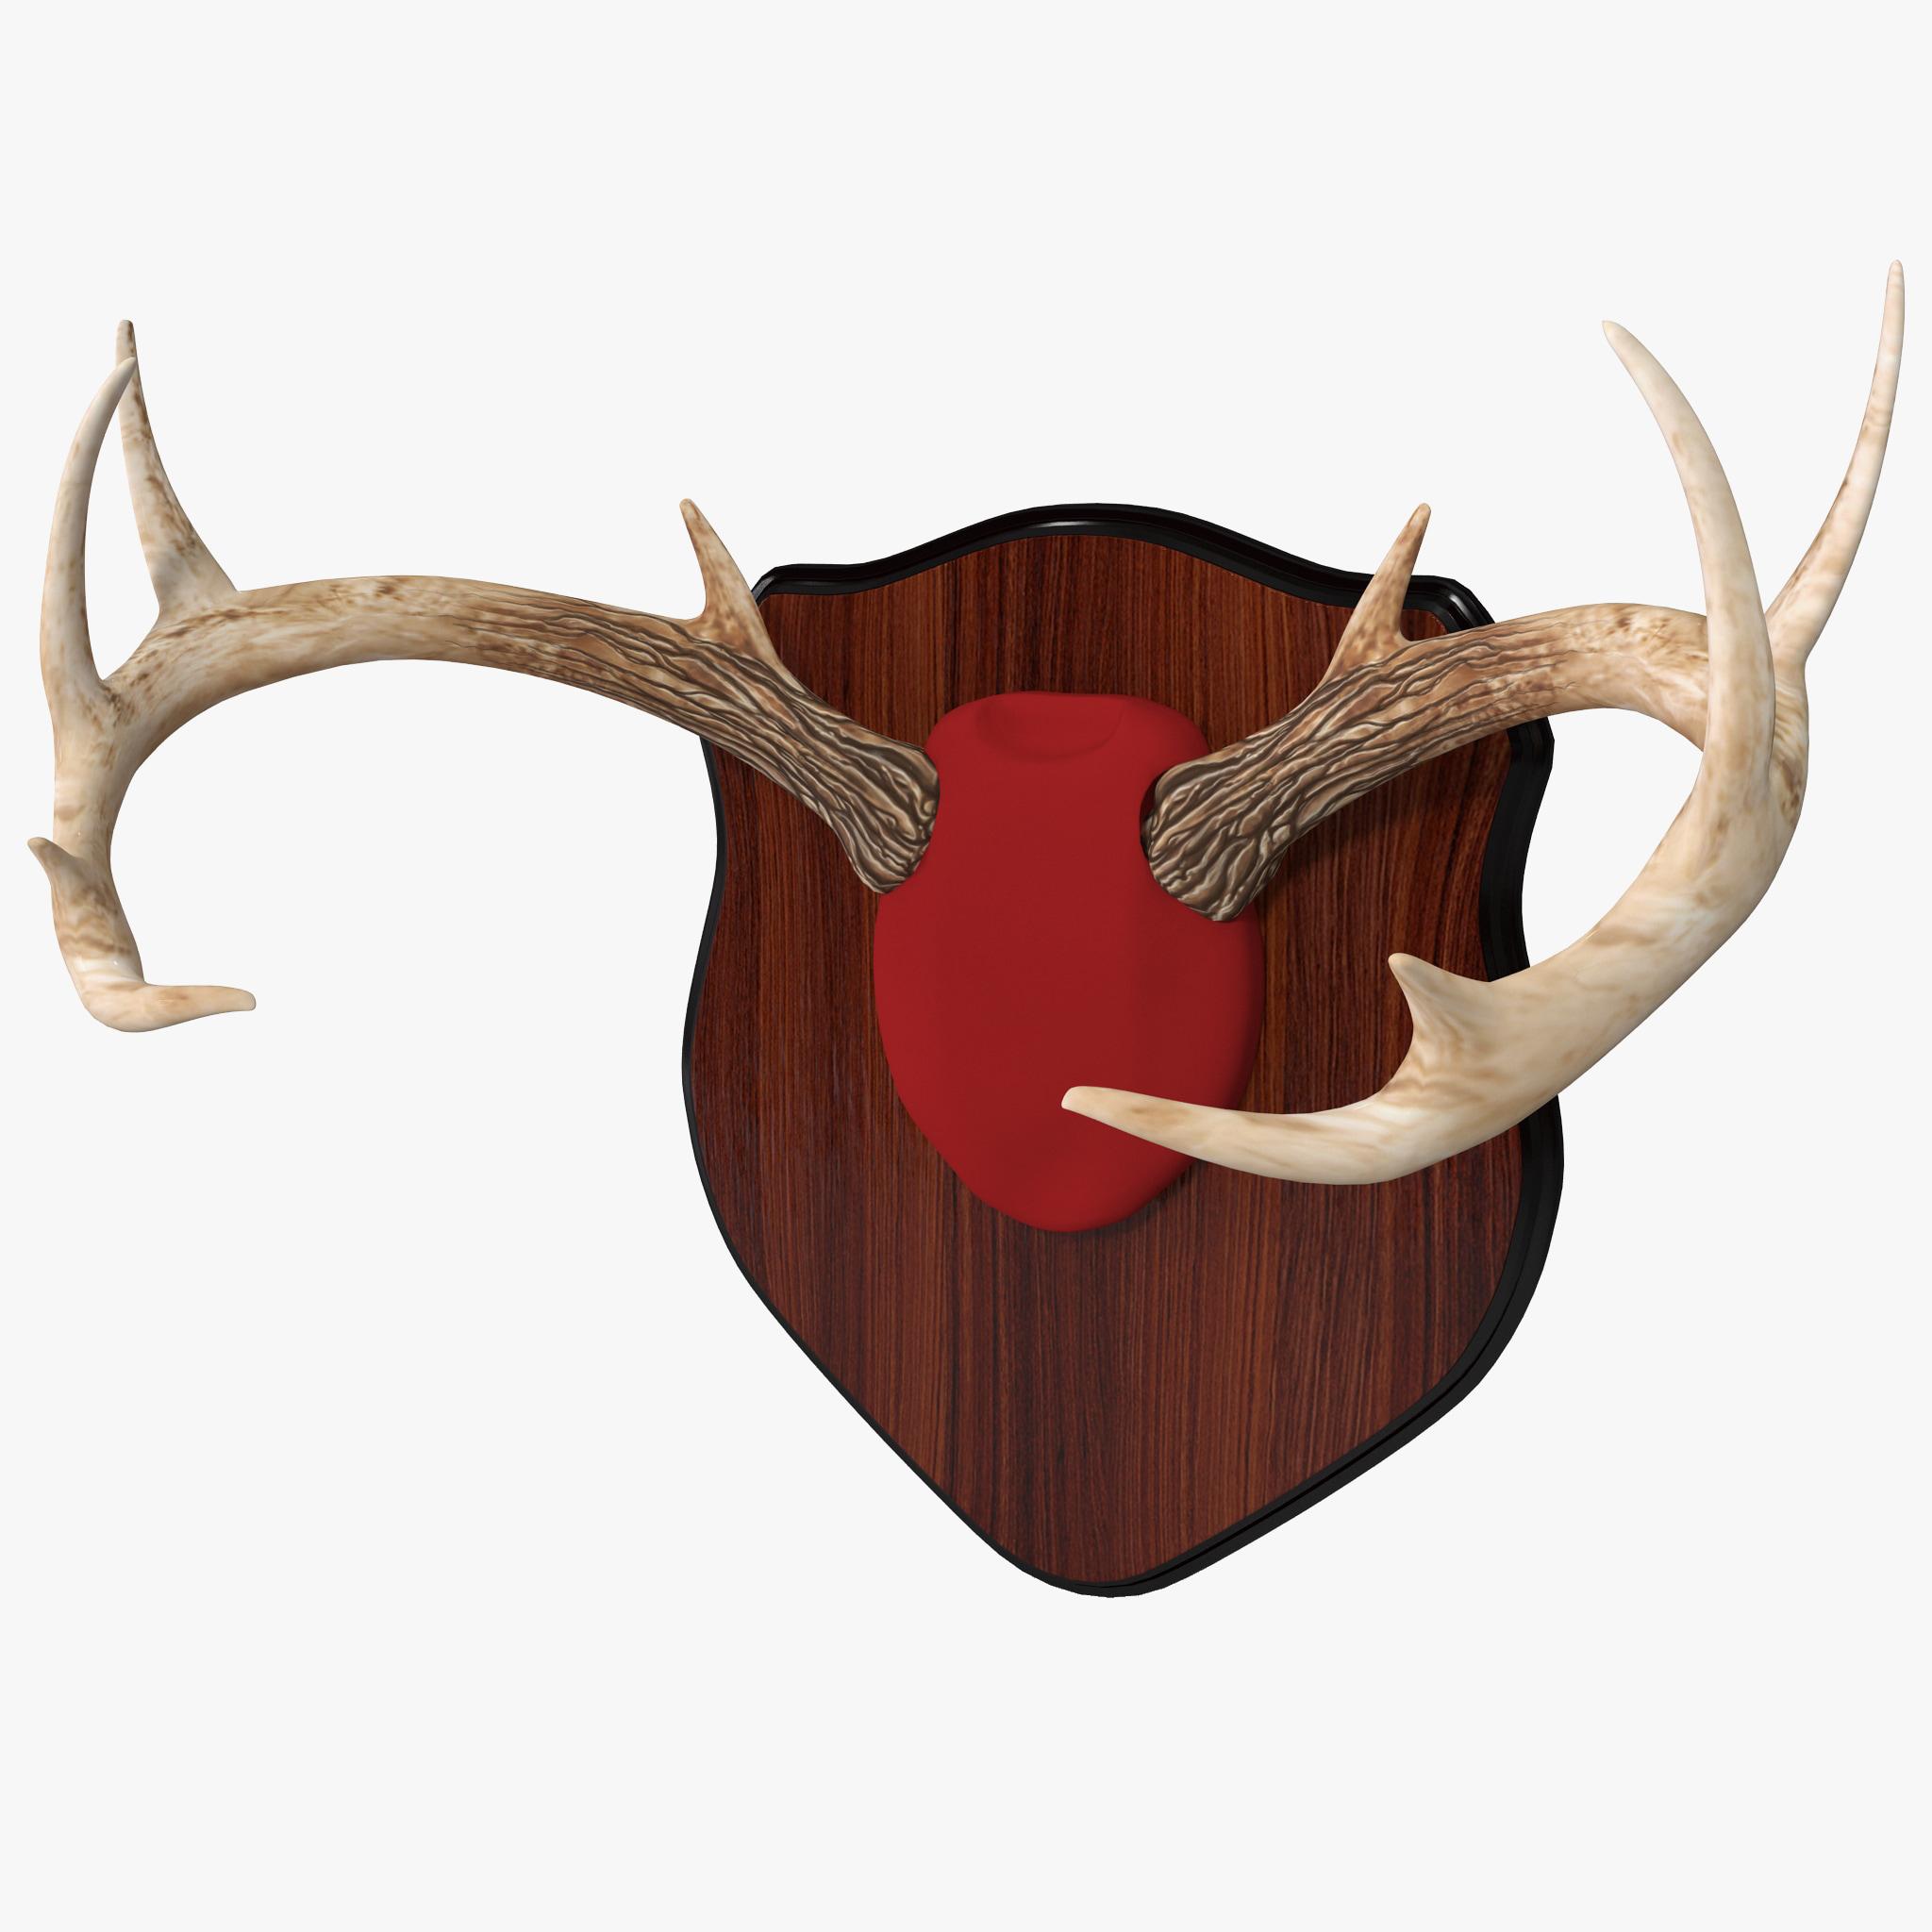 Mounted Deer Antlers_1.jpg